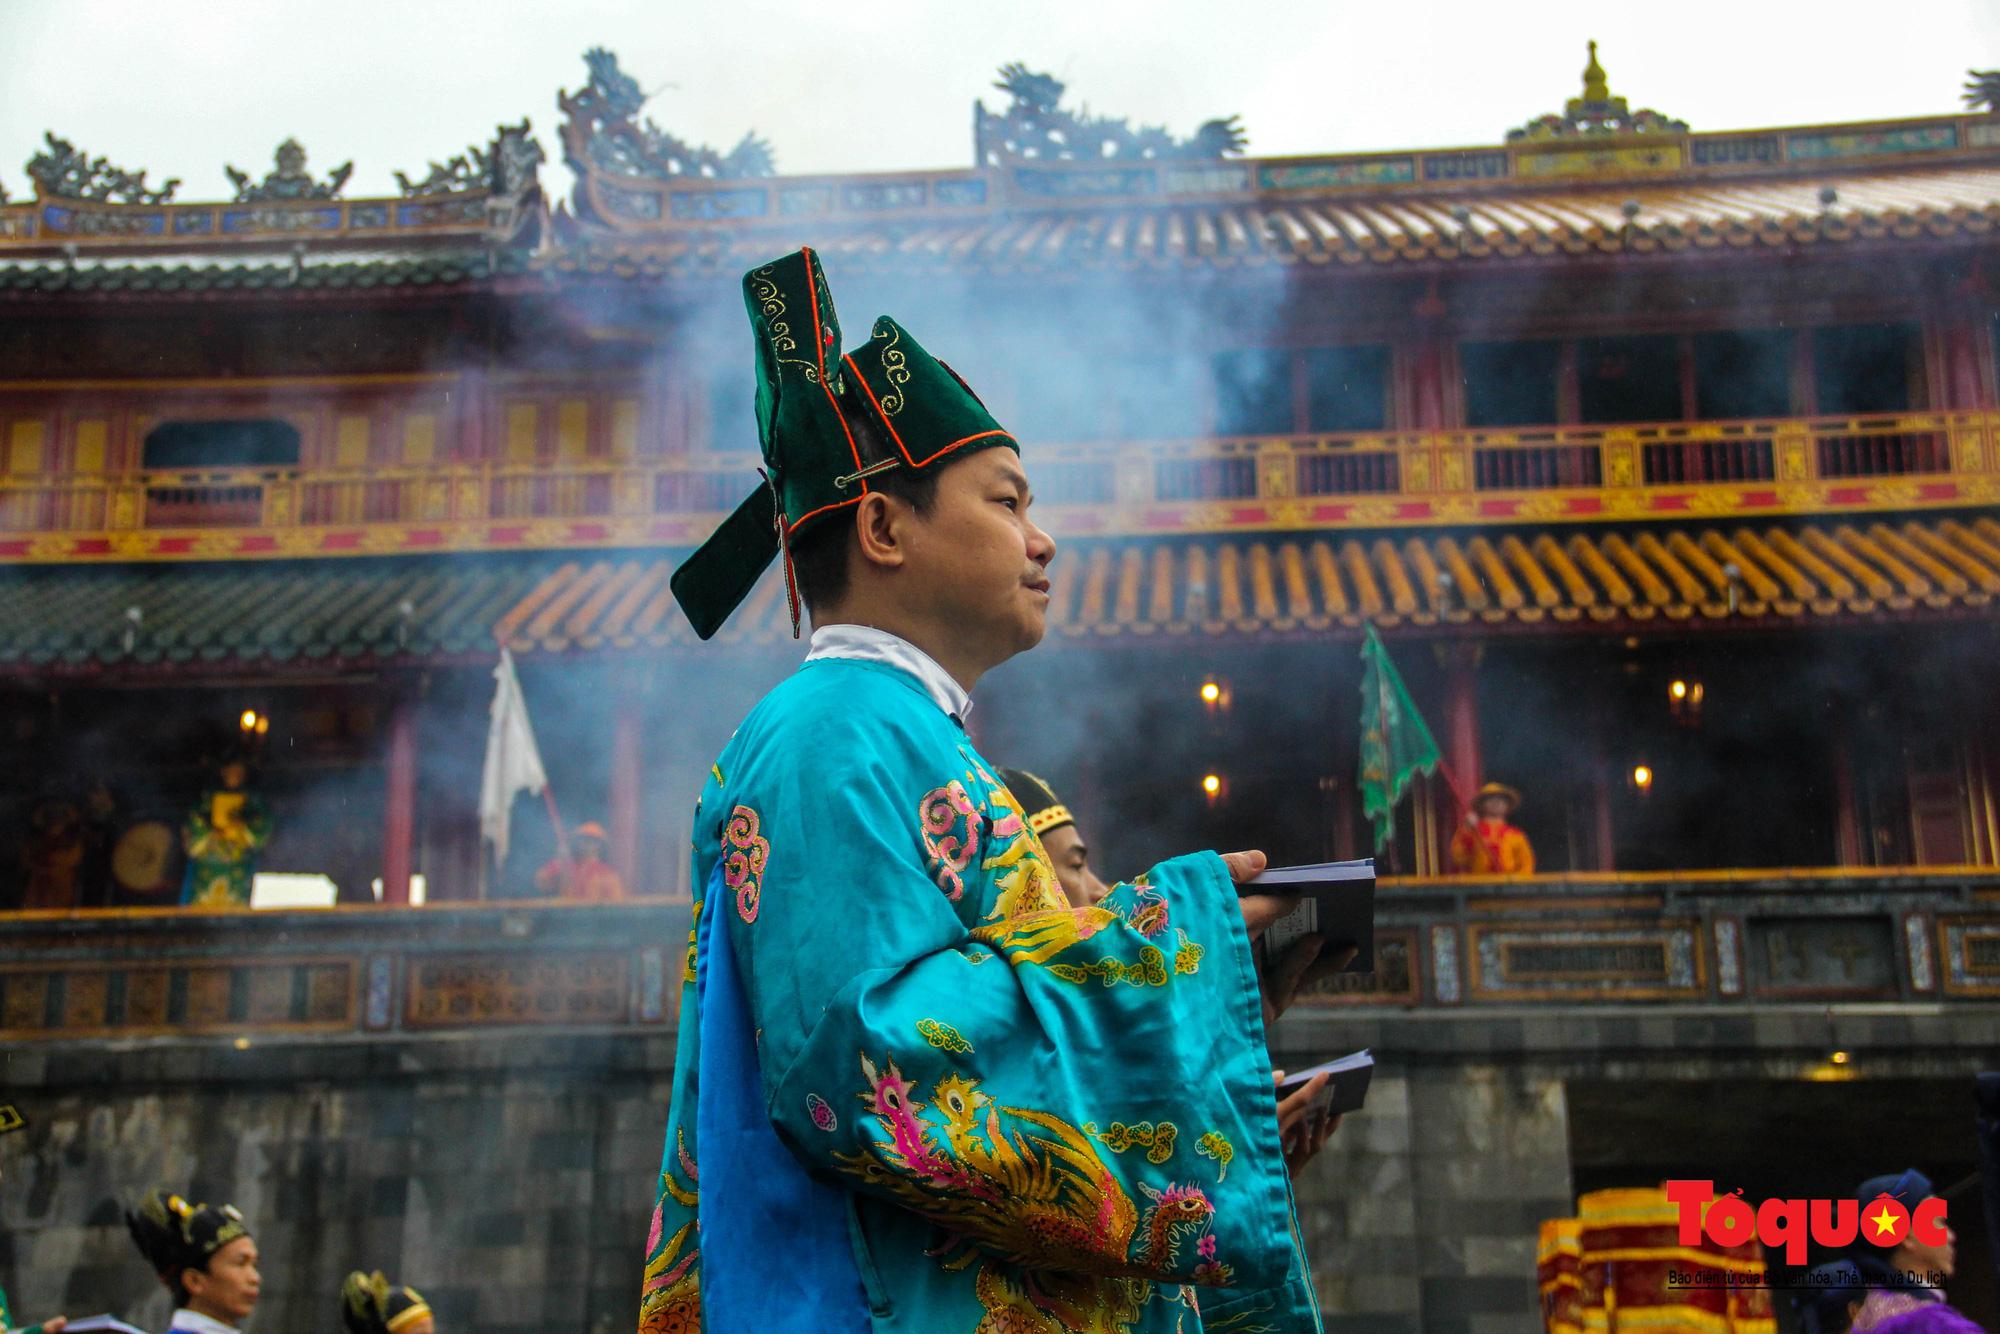 """Du khách thích thú xem tái hiện lễ """"Ban Sóc"""" của triều Nguyễn, nhận lịch tặng nhân dịp đón năm mới - Ảnh 4."""